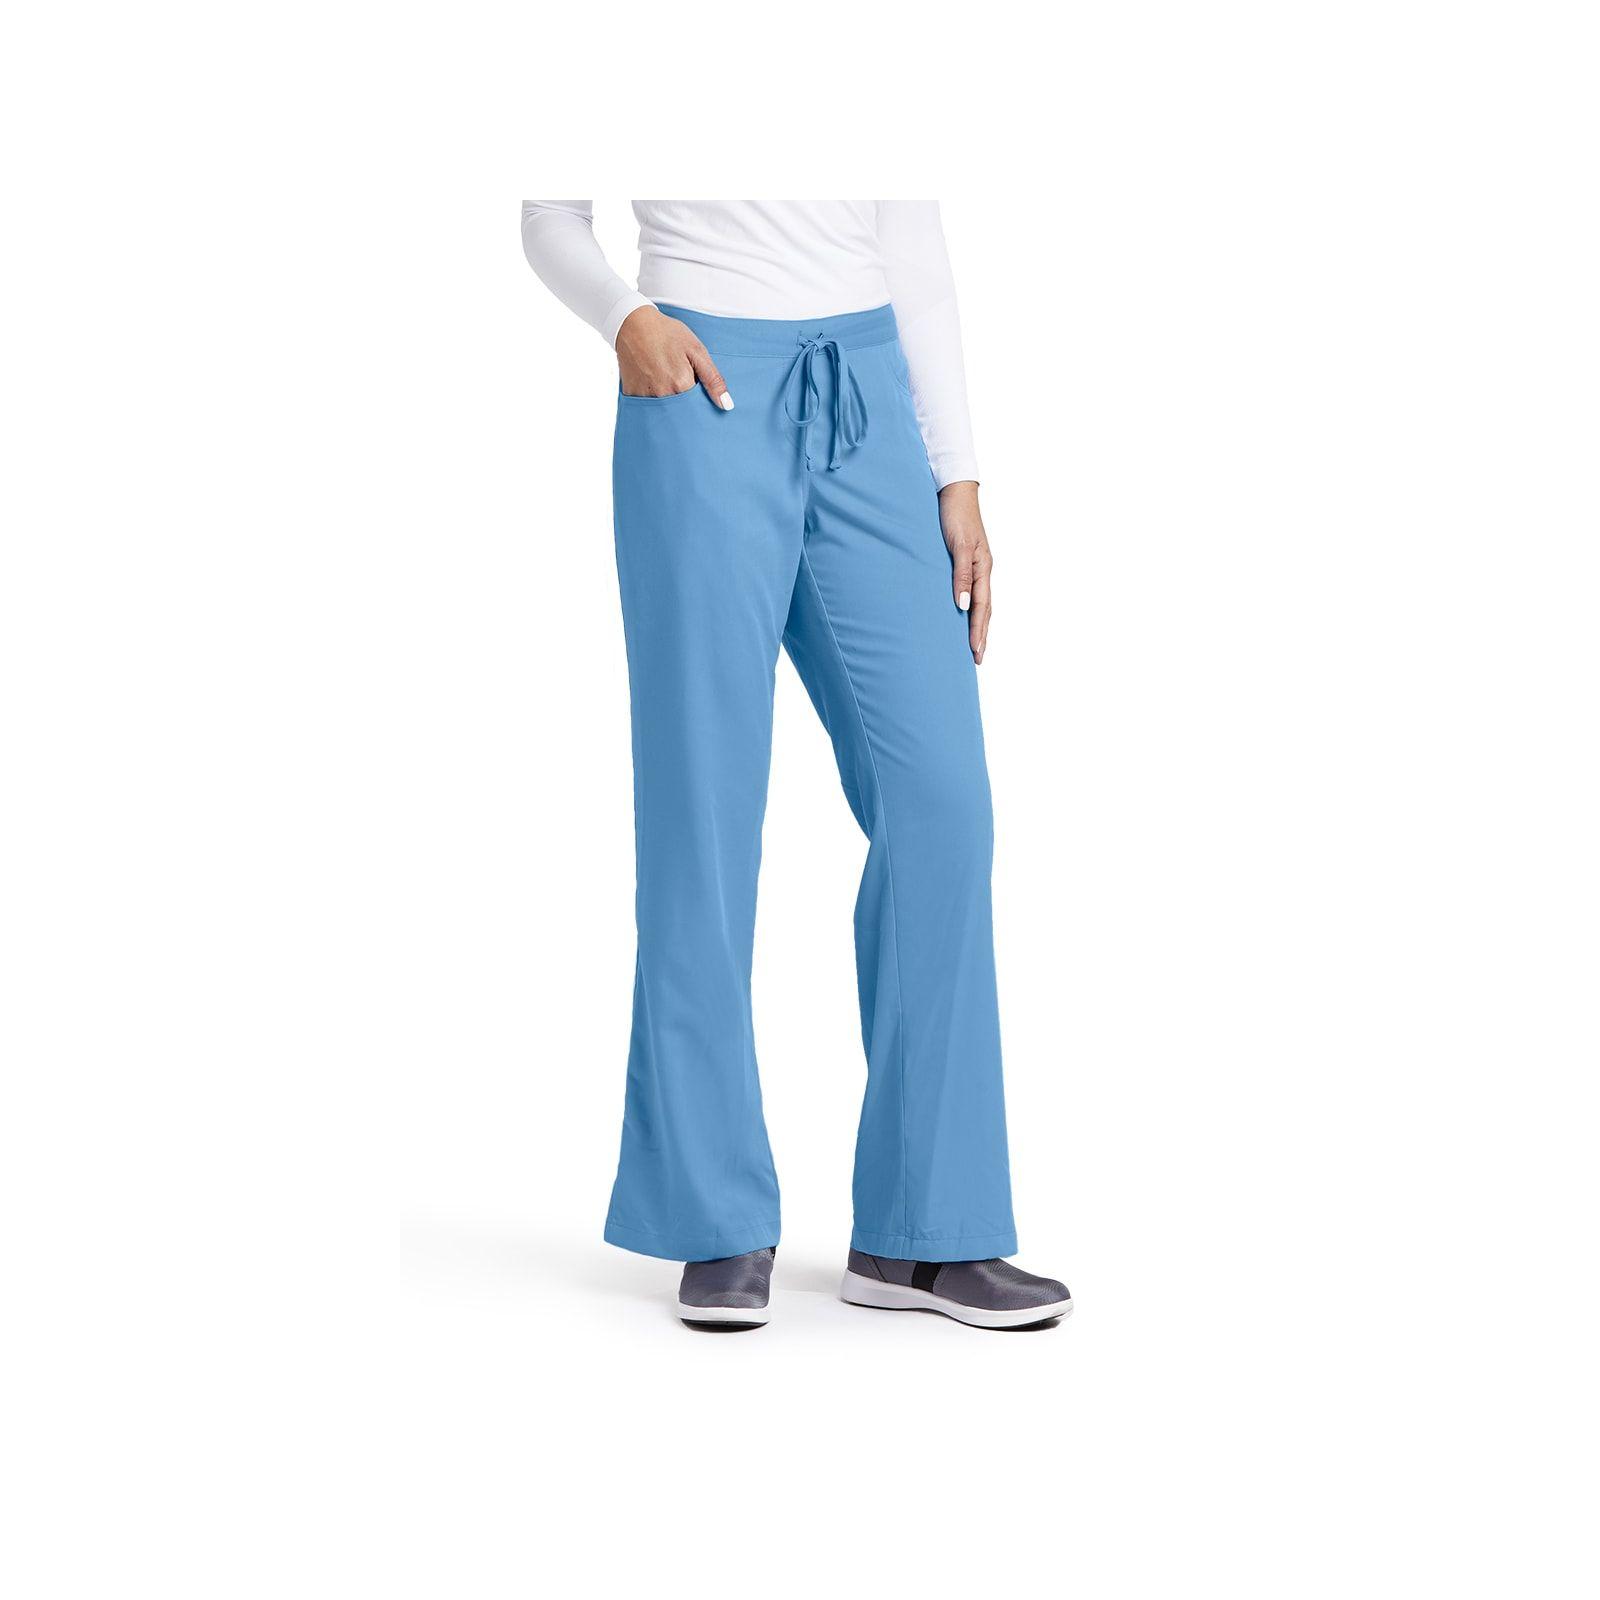 """Pantalon cordon et élastique, couleur bleu ciel vue de face, Barco, collection """"Grey's Anatomy"""" (4232)"""